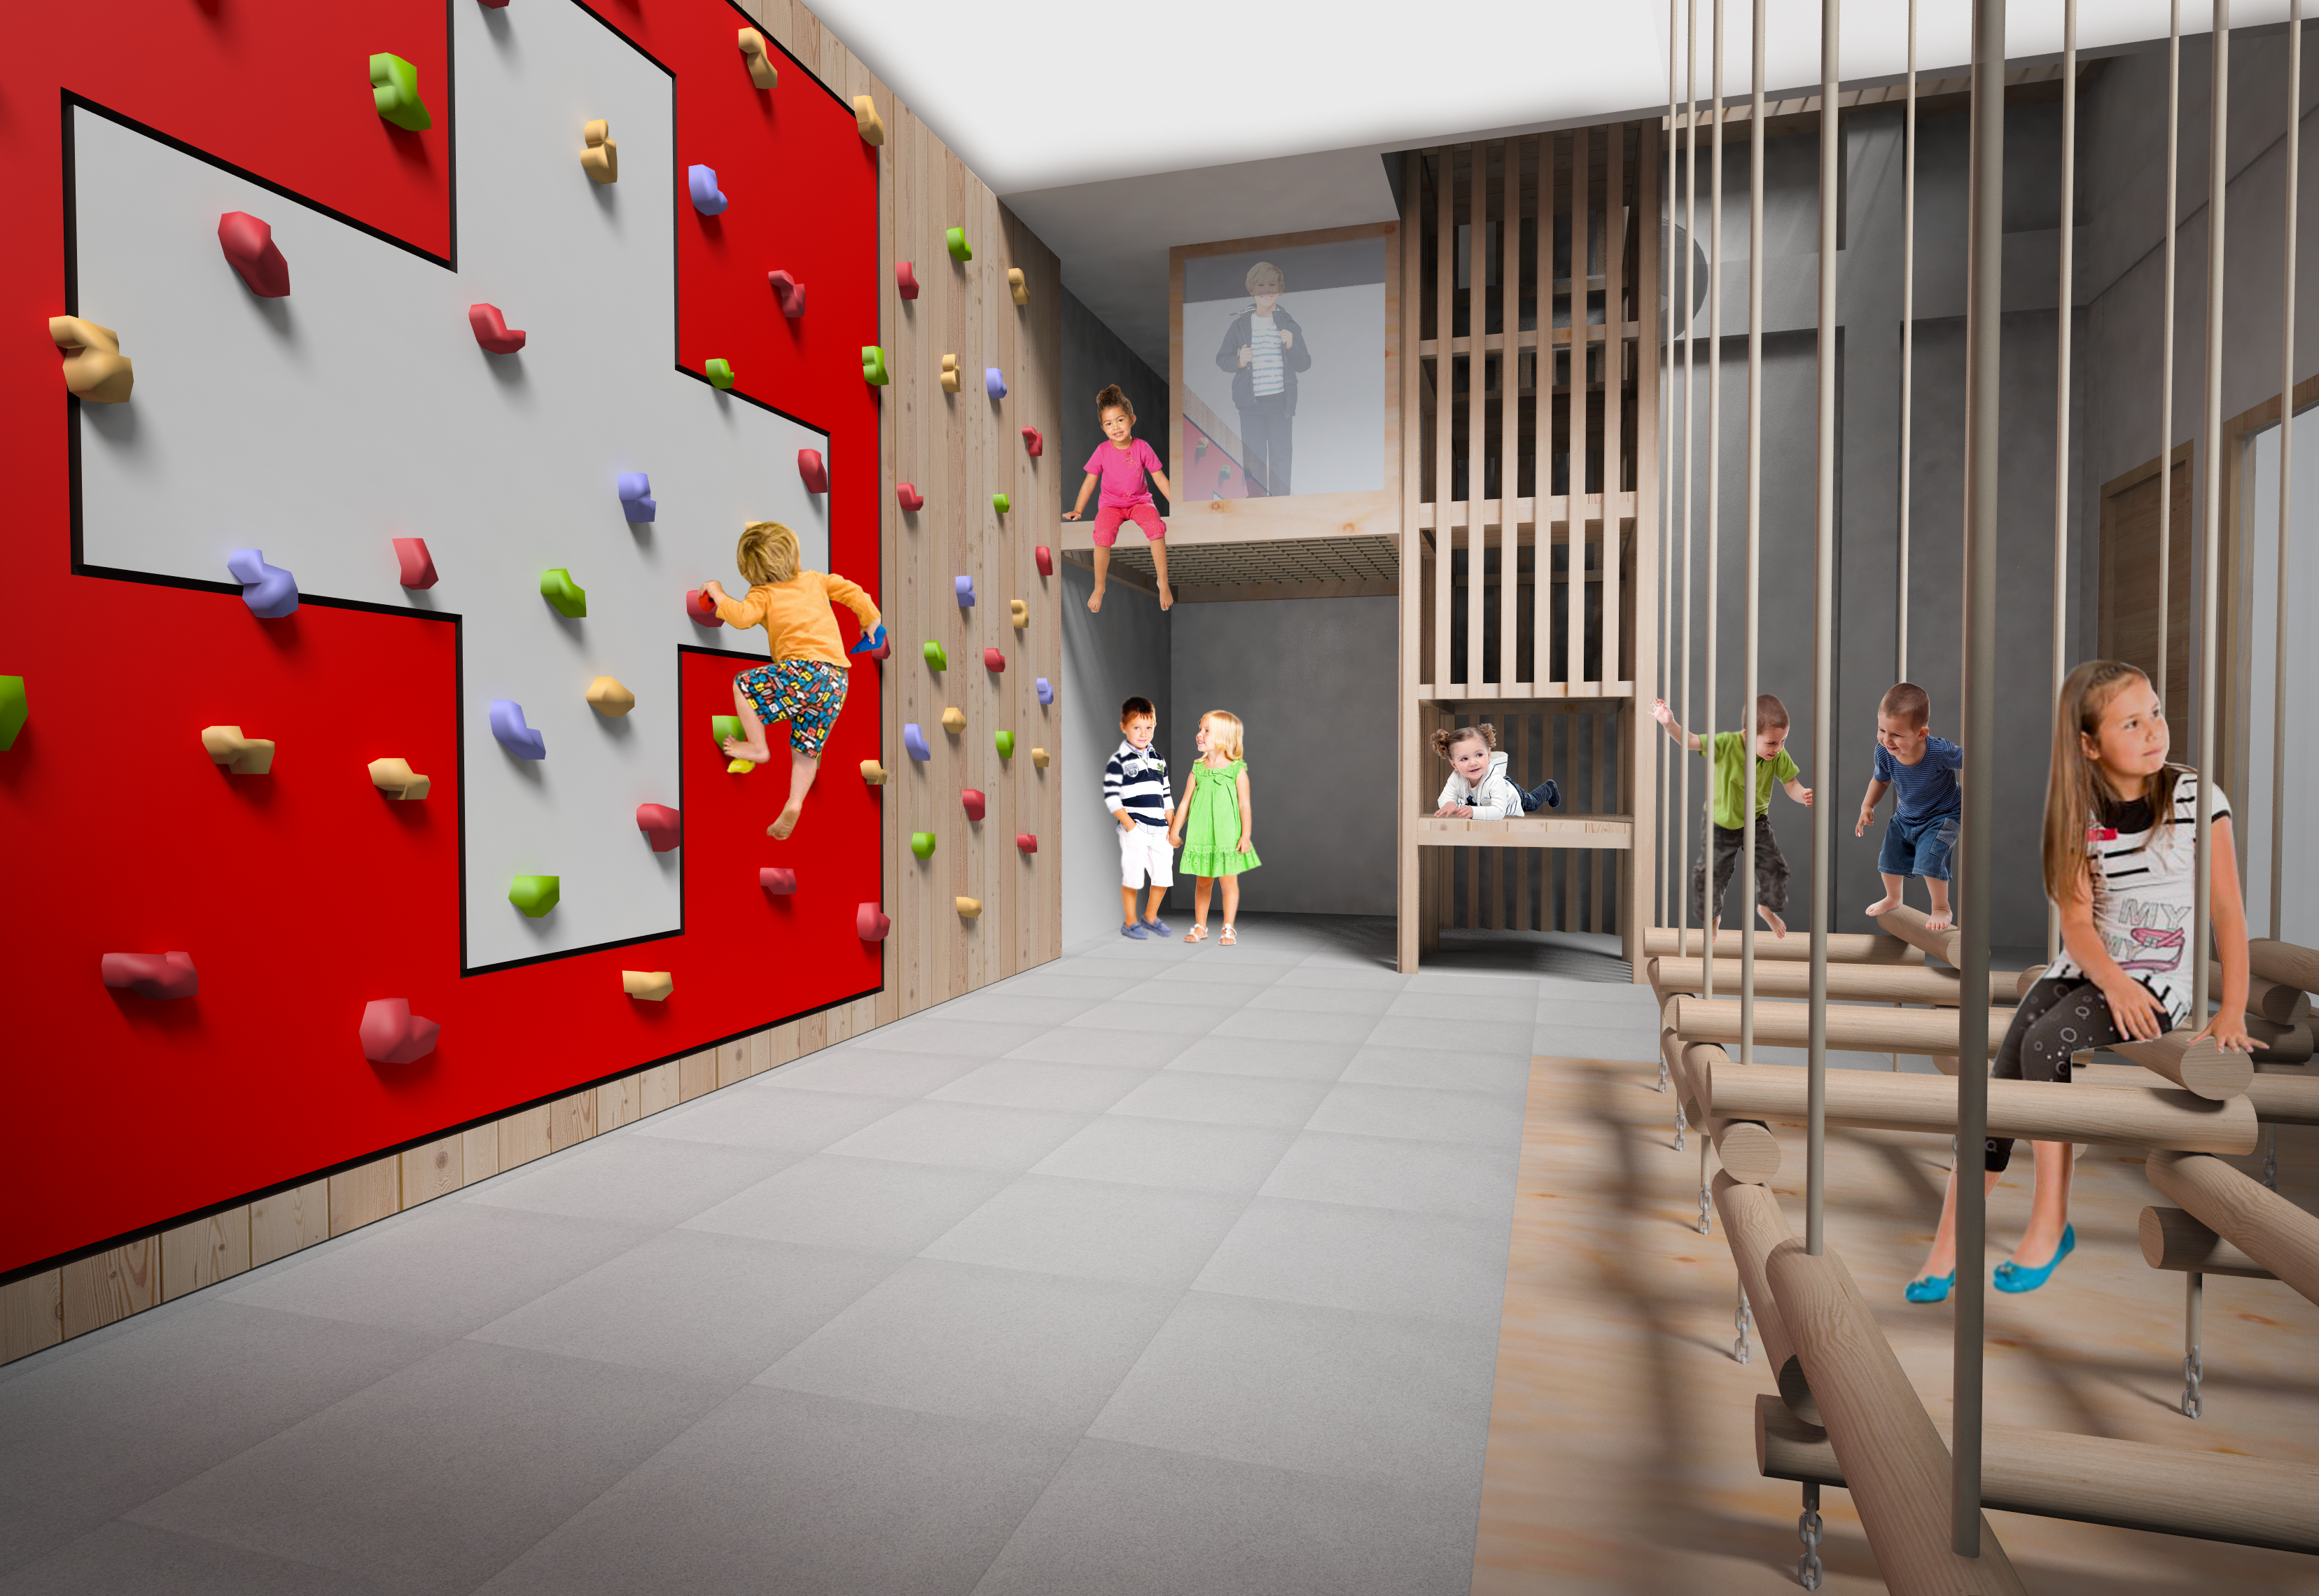 JUFA Savognin Schaubild Indoorspielbereich Kletterwand